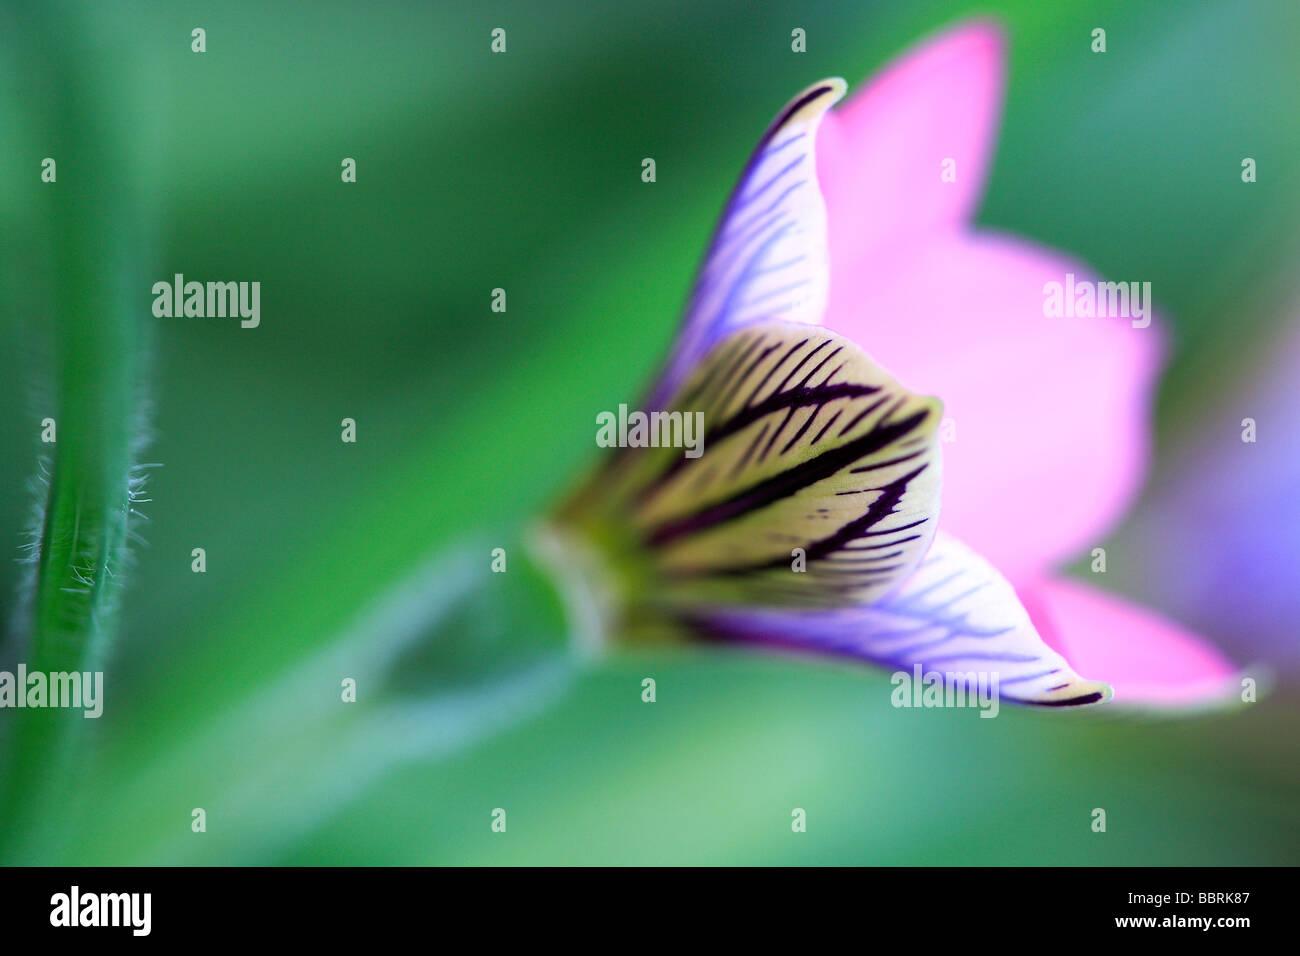 Sand Krokus Romulea vierkantig Blume England Frühling Stockbild